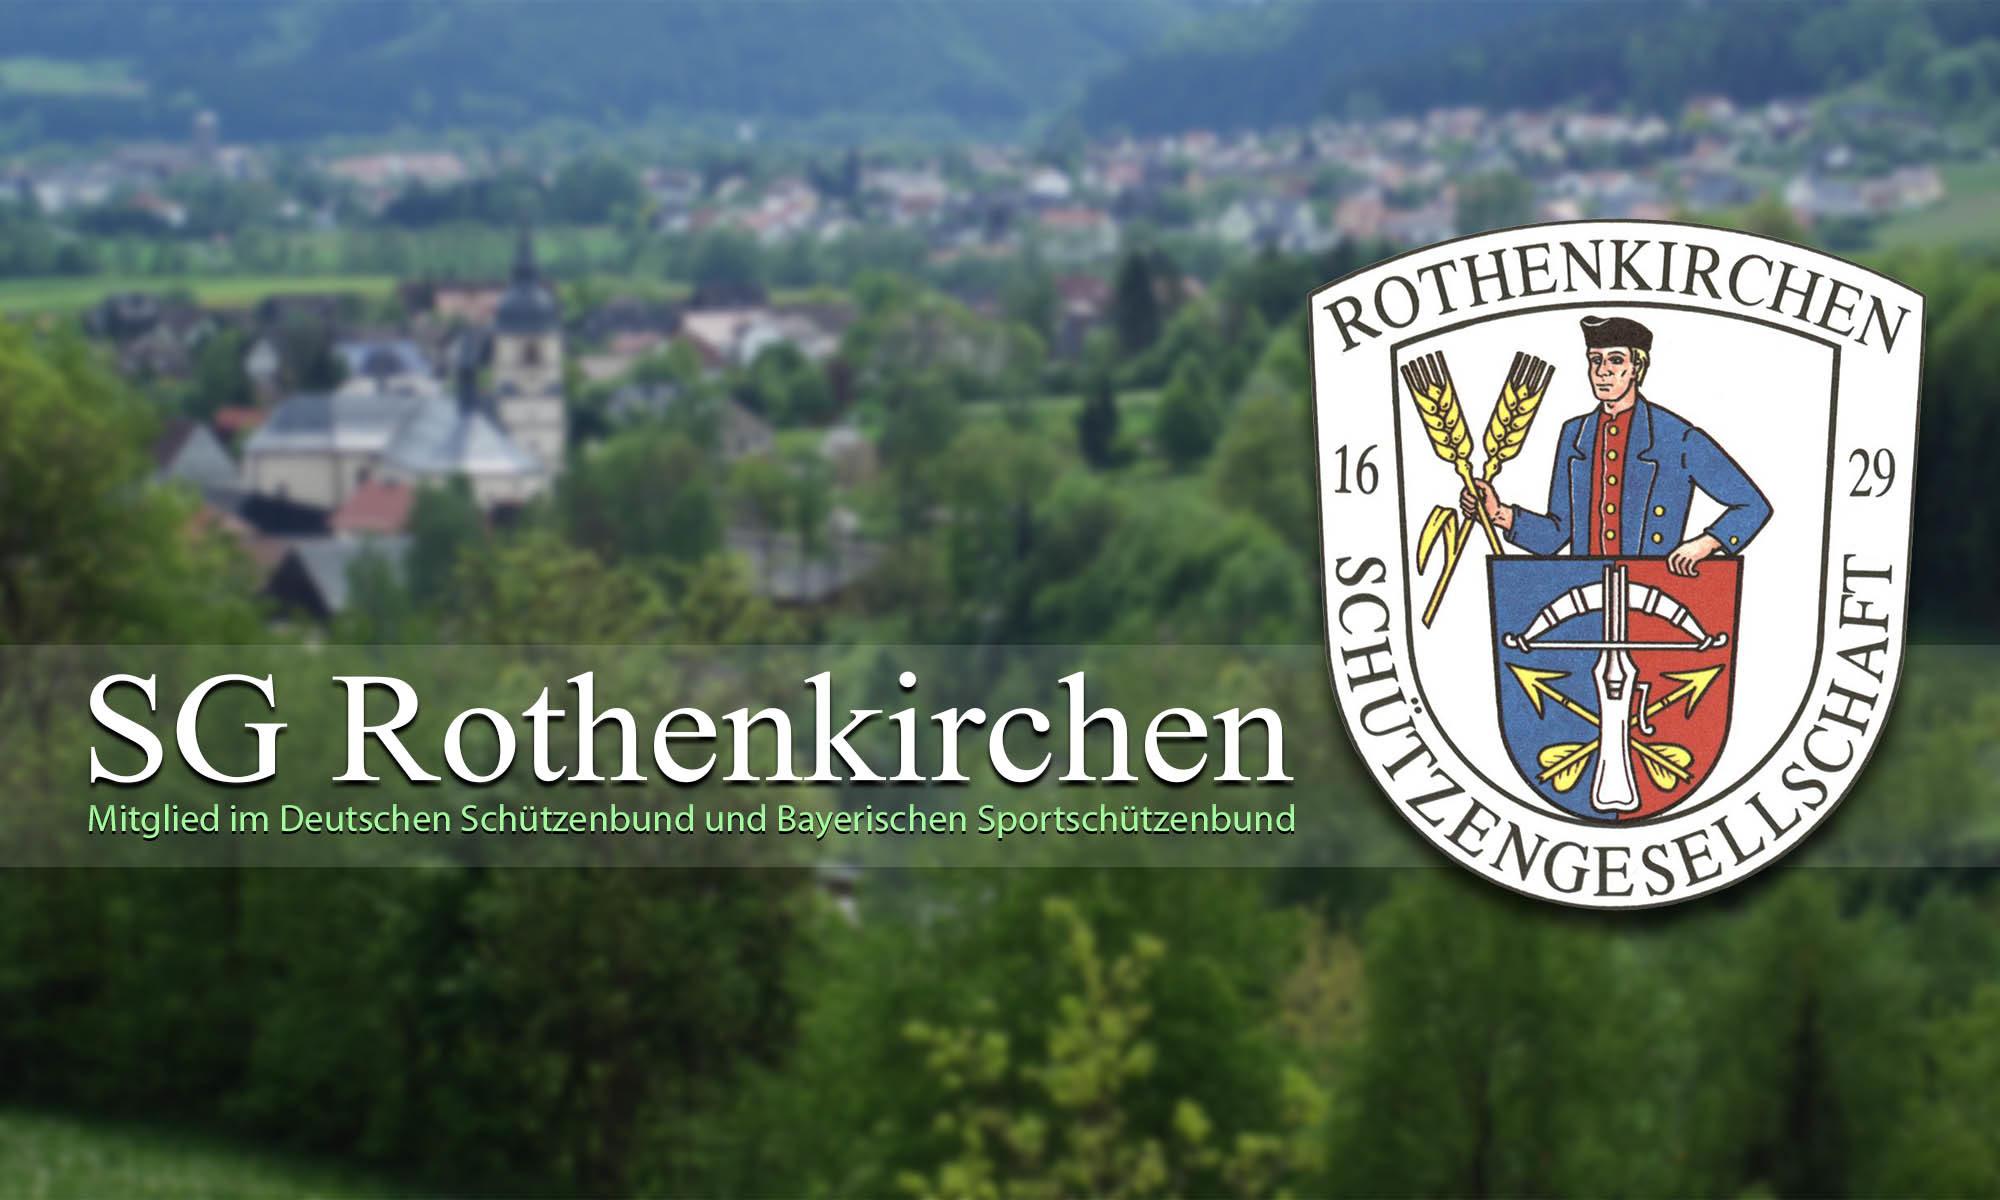 SG 1629 Rothenkirchen e.V.